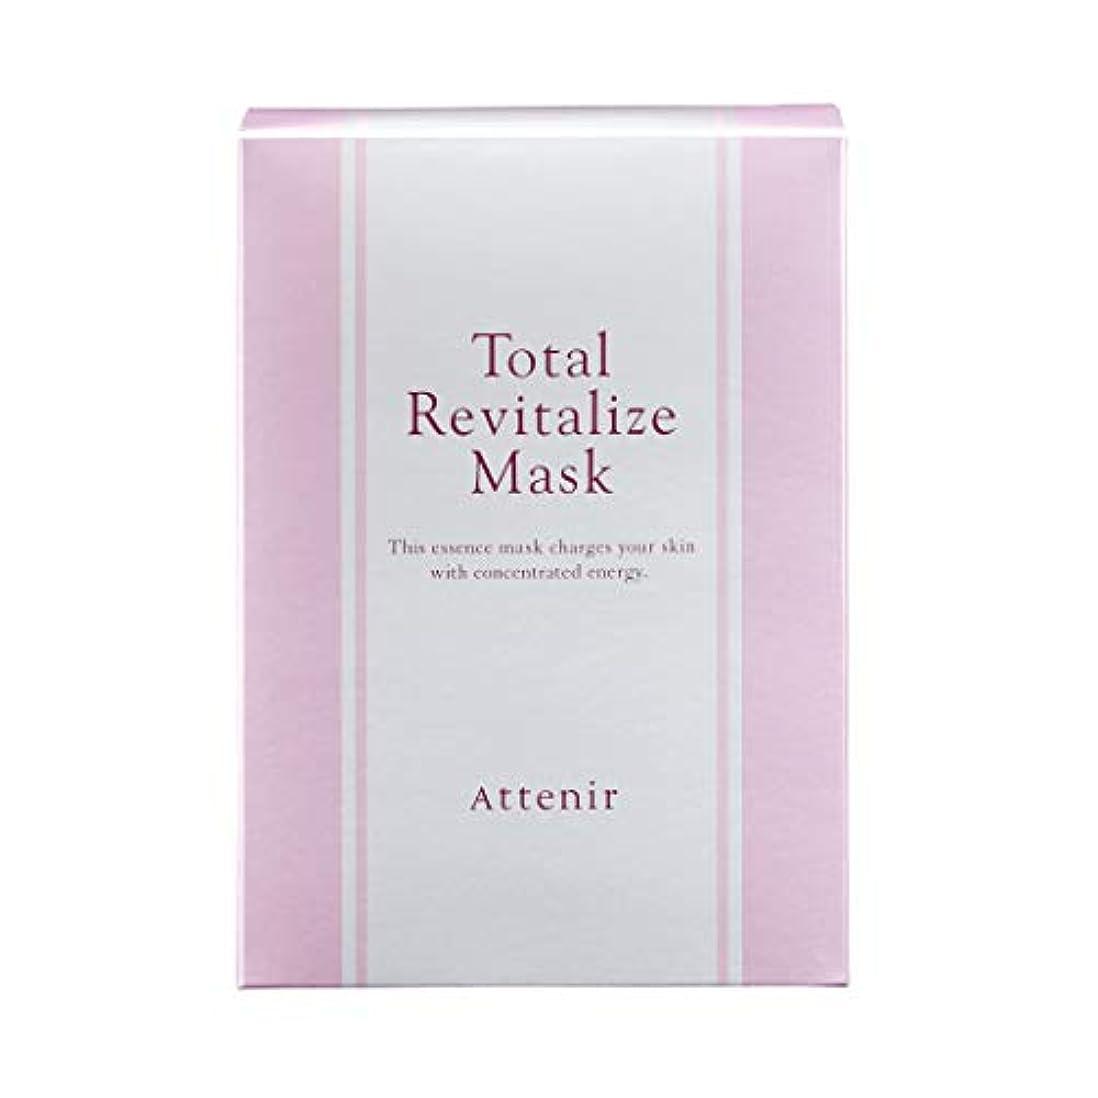 エチケット驚き毛皮アテニア トータルリヴァイタライズ マスク肌疲労ケアシートマスク 全顔用 6包入り フェイスパック